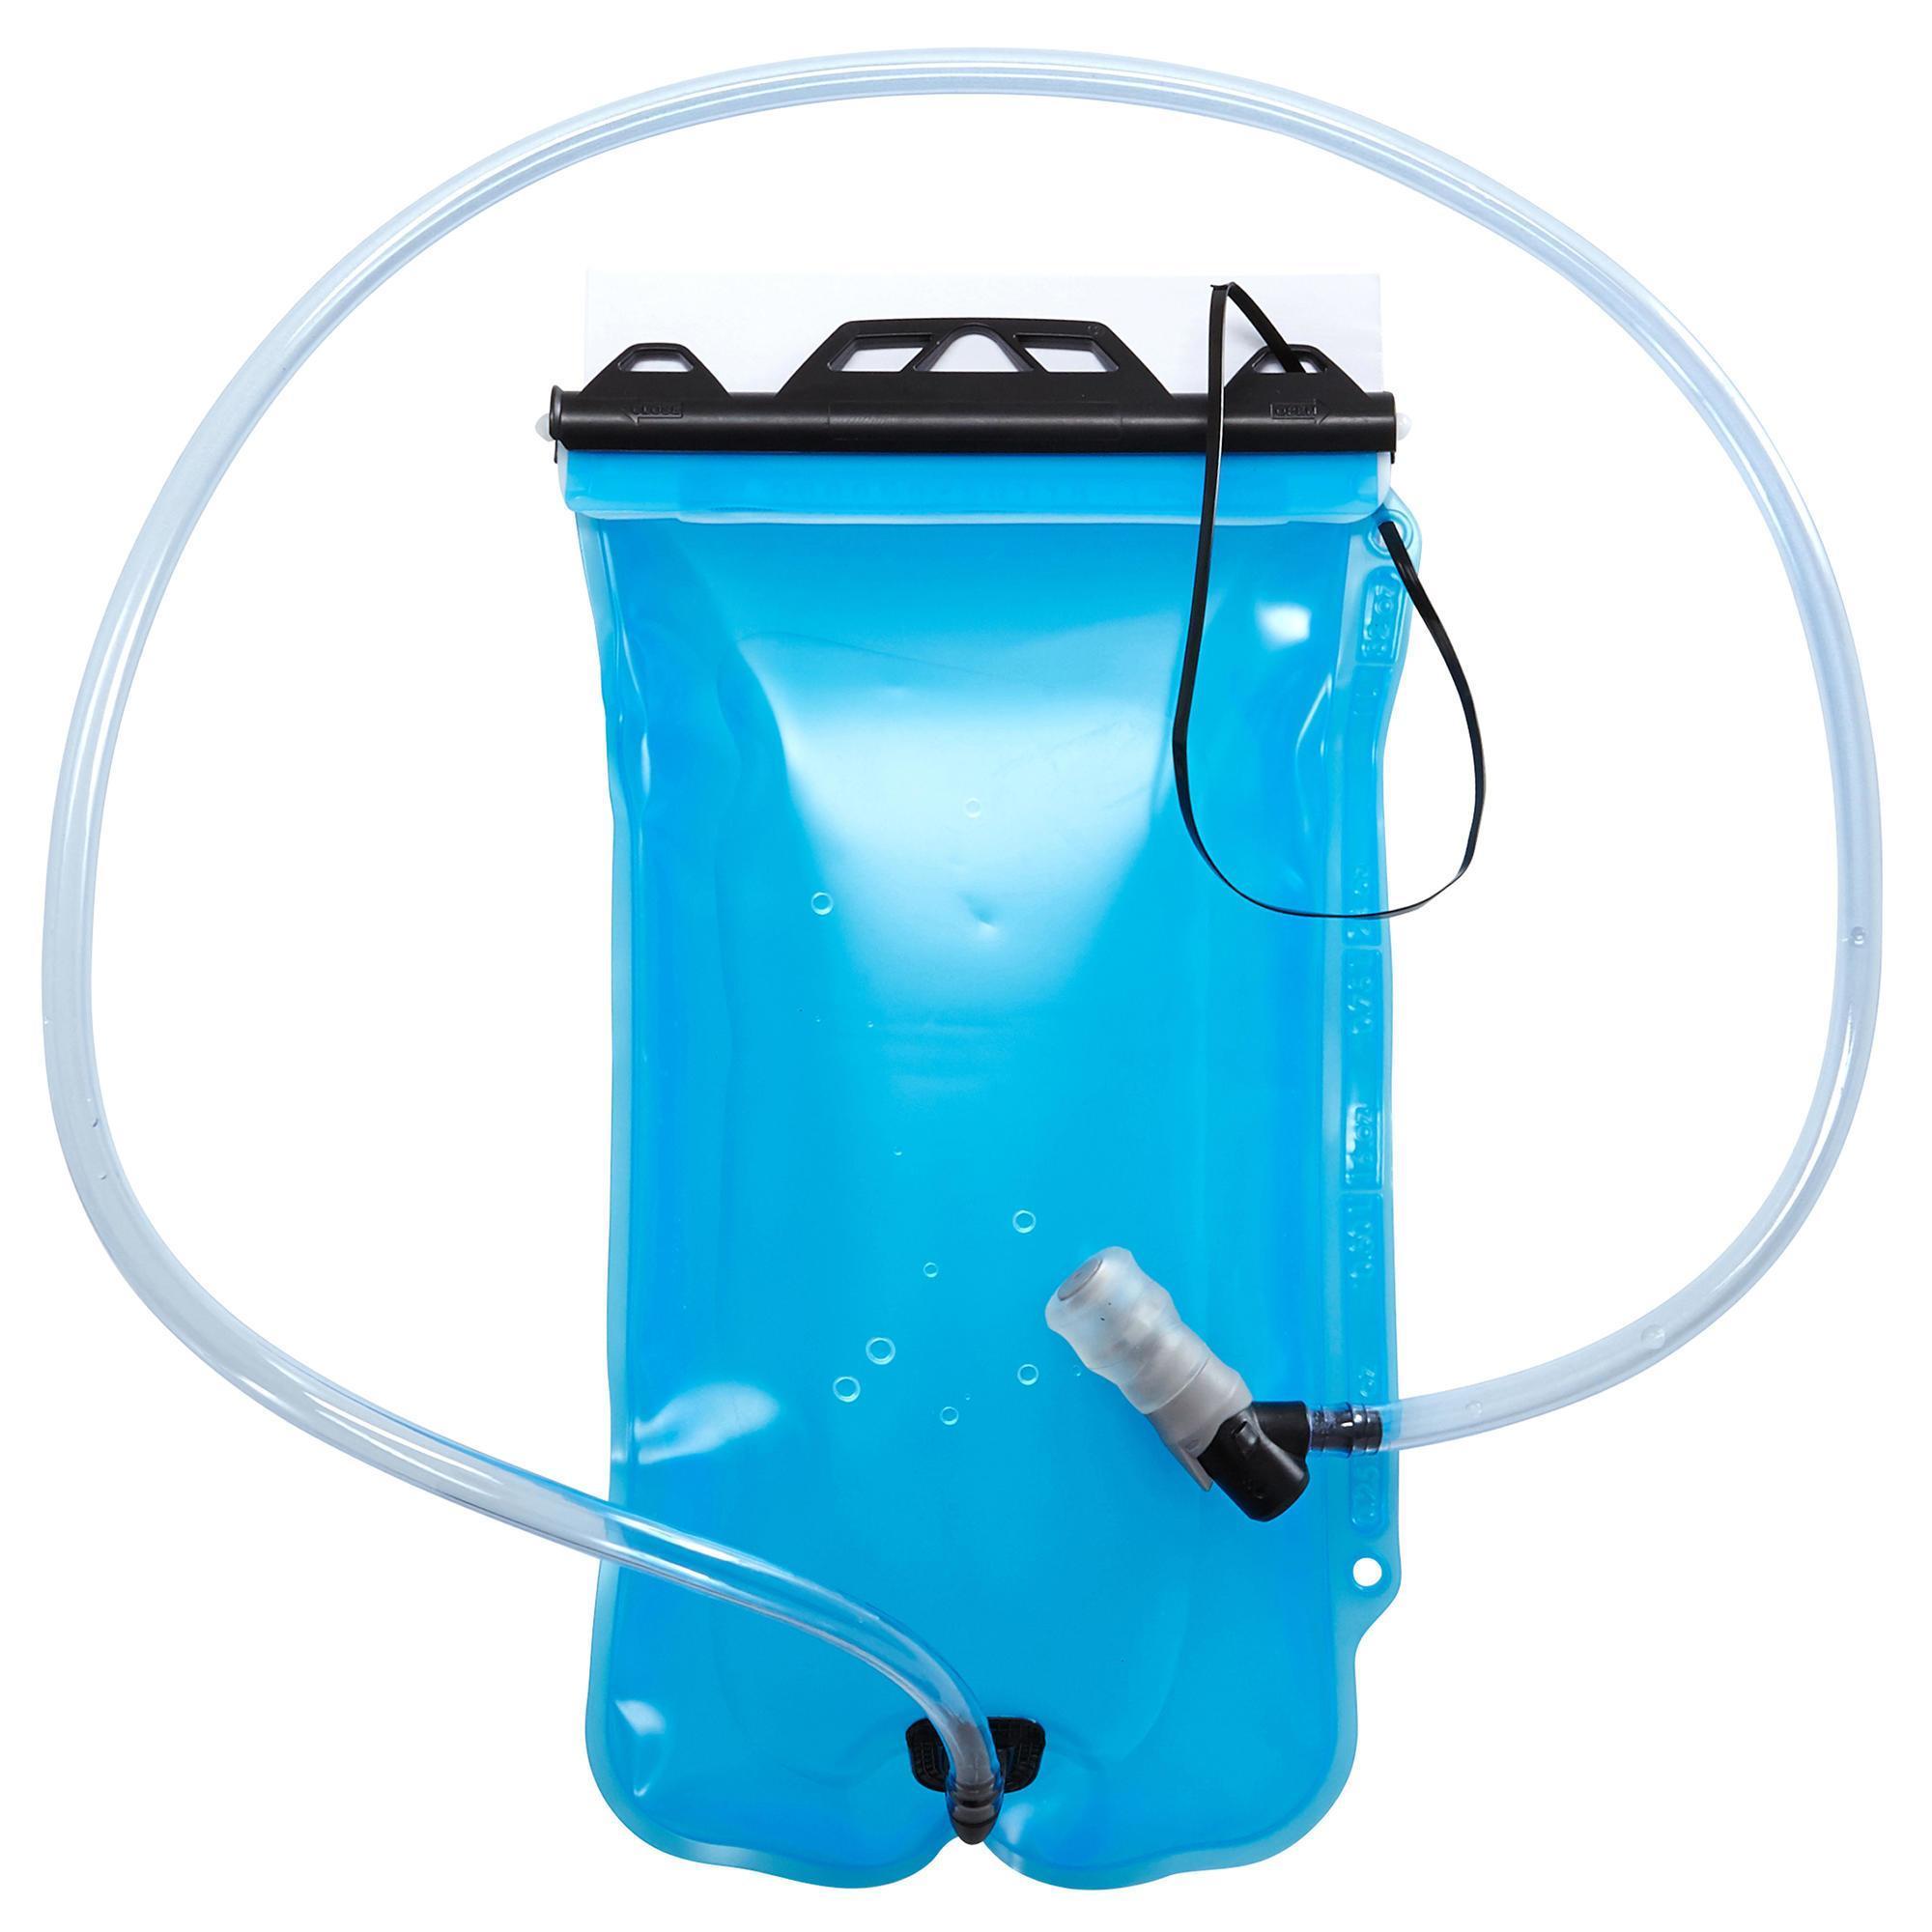 Kalenji Waterzak 1 liter voor traillopen kopen? Sport accessoires met voordeel vind je hier